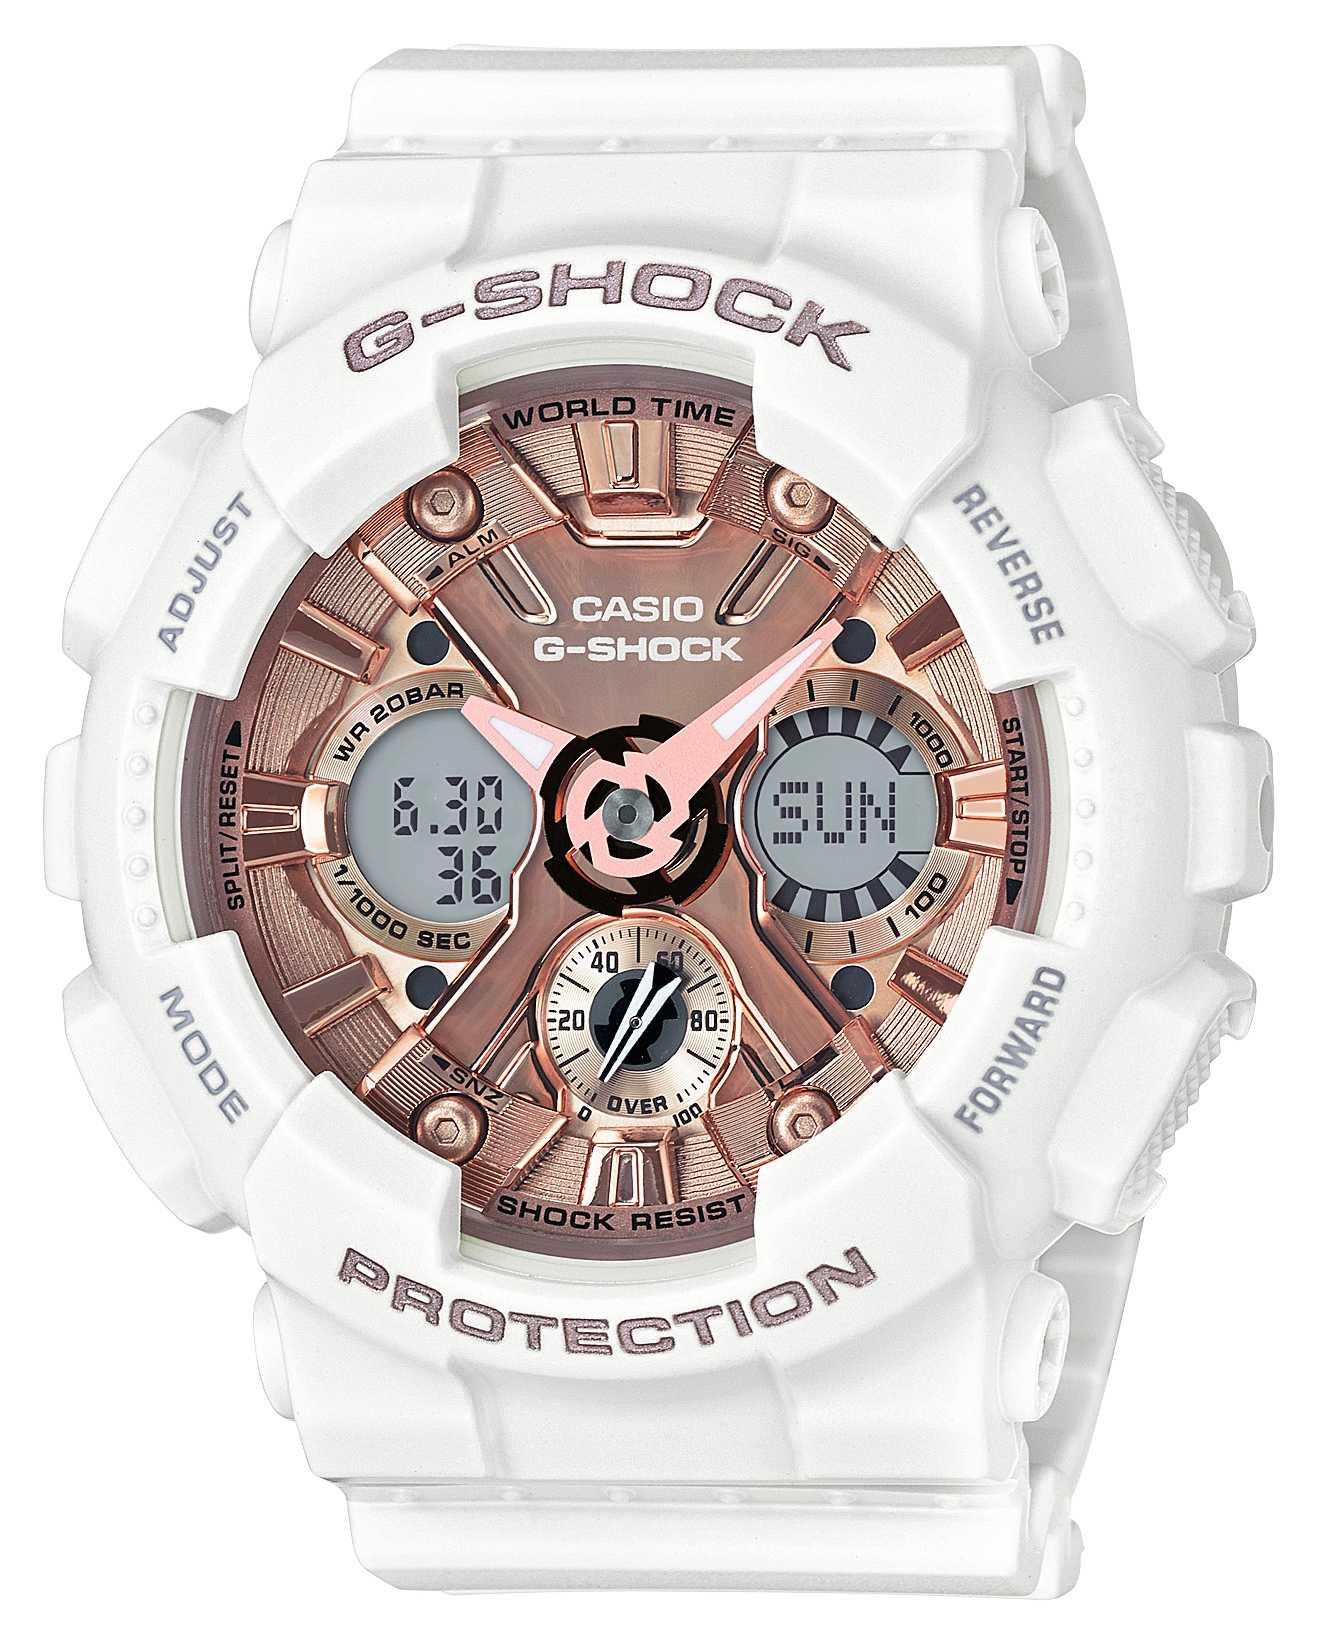 Casio | g-shock blanco y oro rosa | analógico y digital | GMA-S120MF-7A2ER